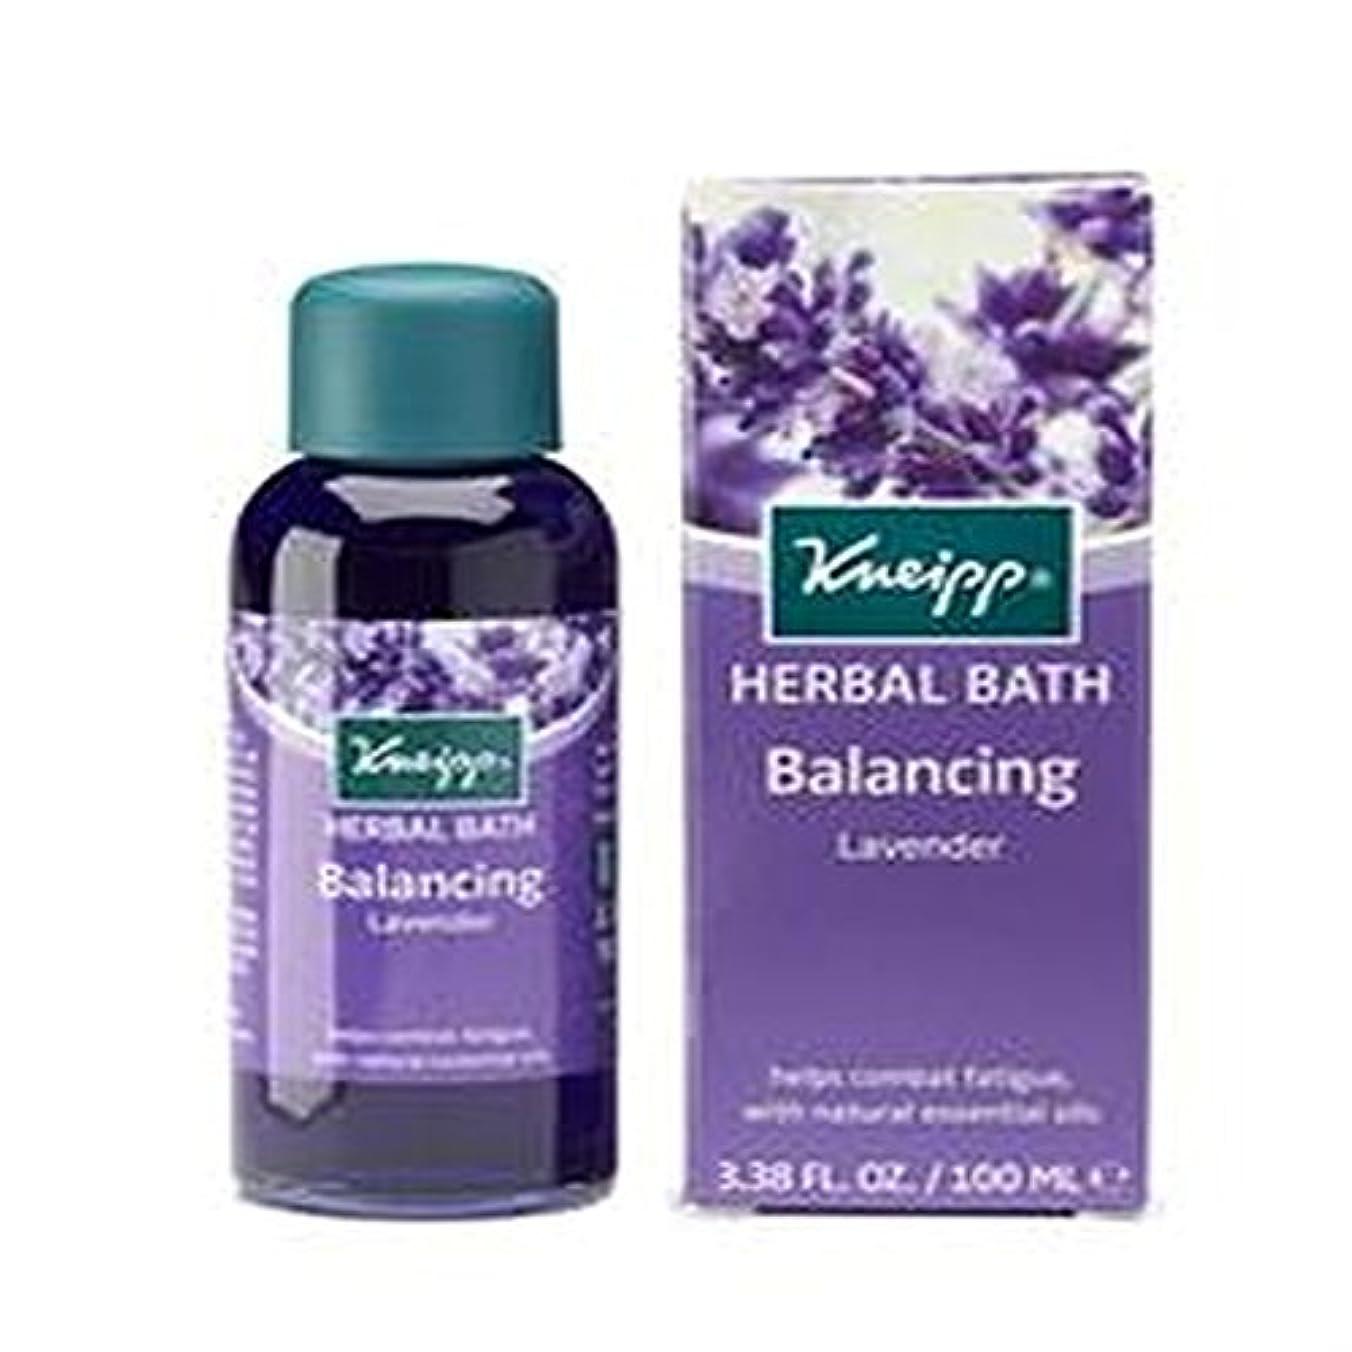 一生ハウス選出するKneipp Balancing Lavender Herbal Bath - 3.38 Oz. (並行輸入品) [並行輸入品]